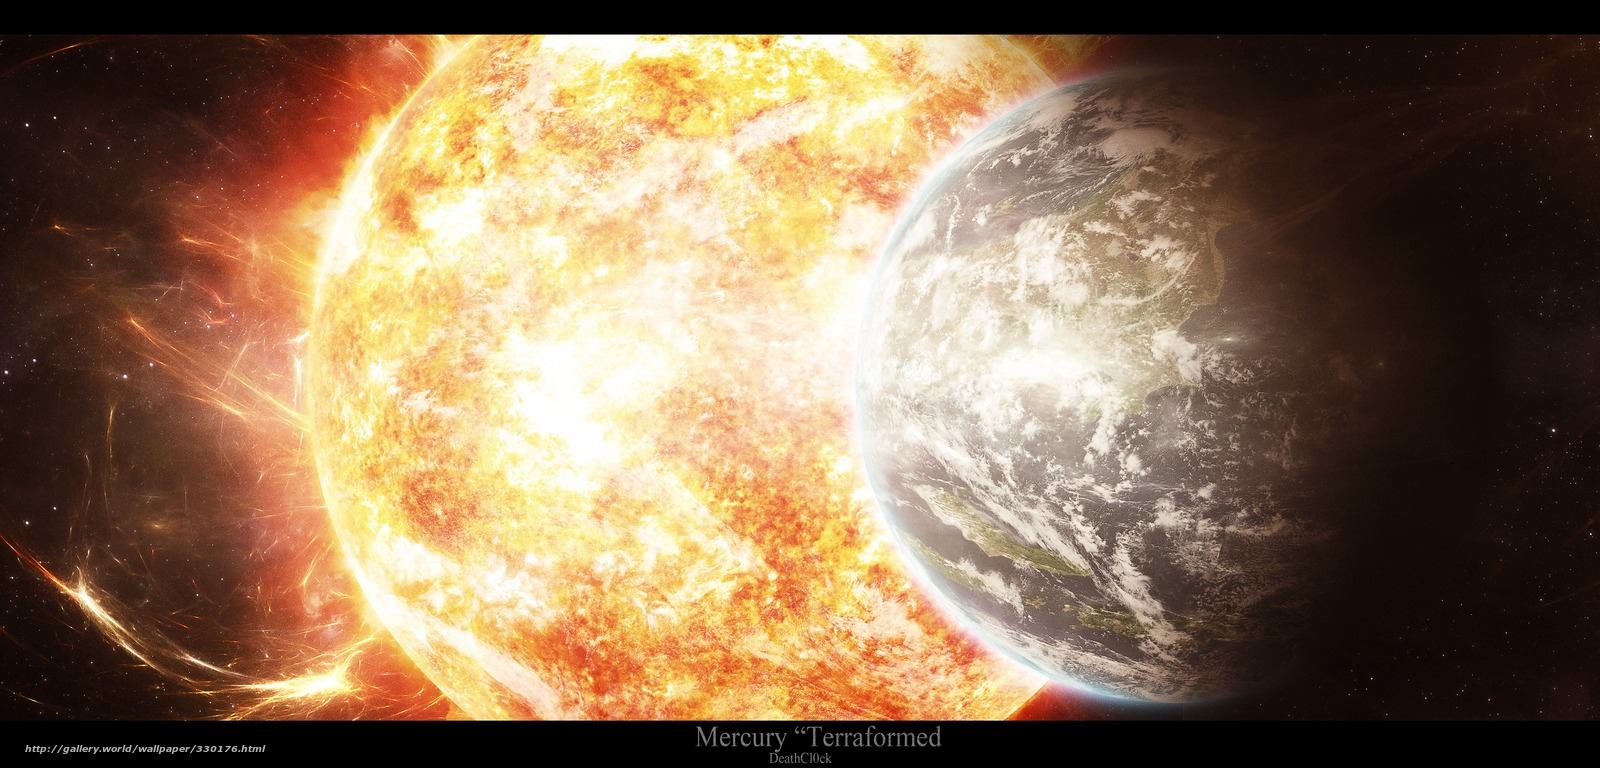 mercury planet desktop backgrounds - photo #16